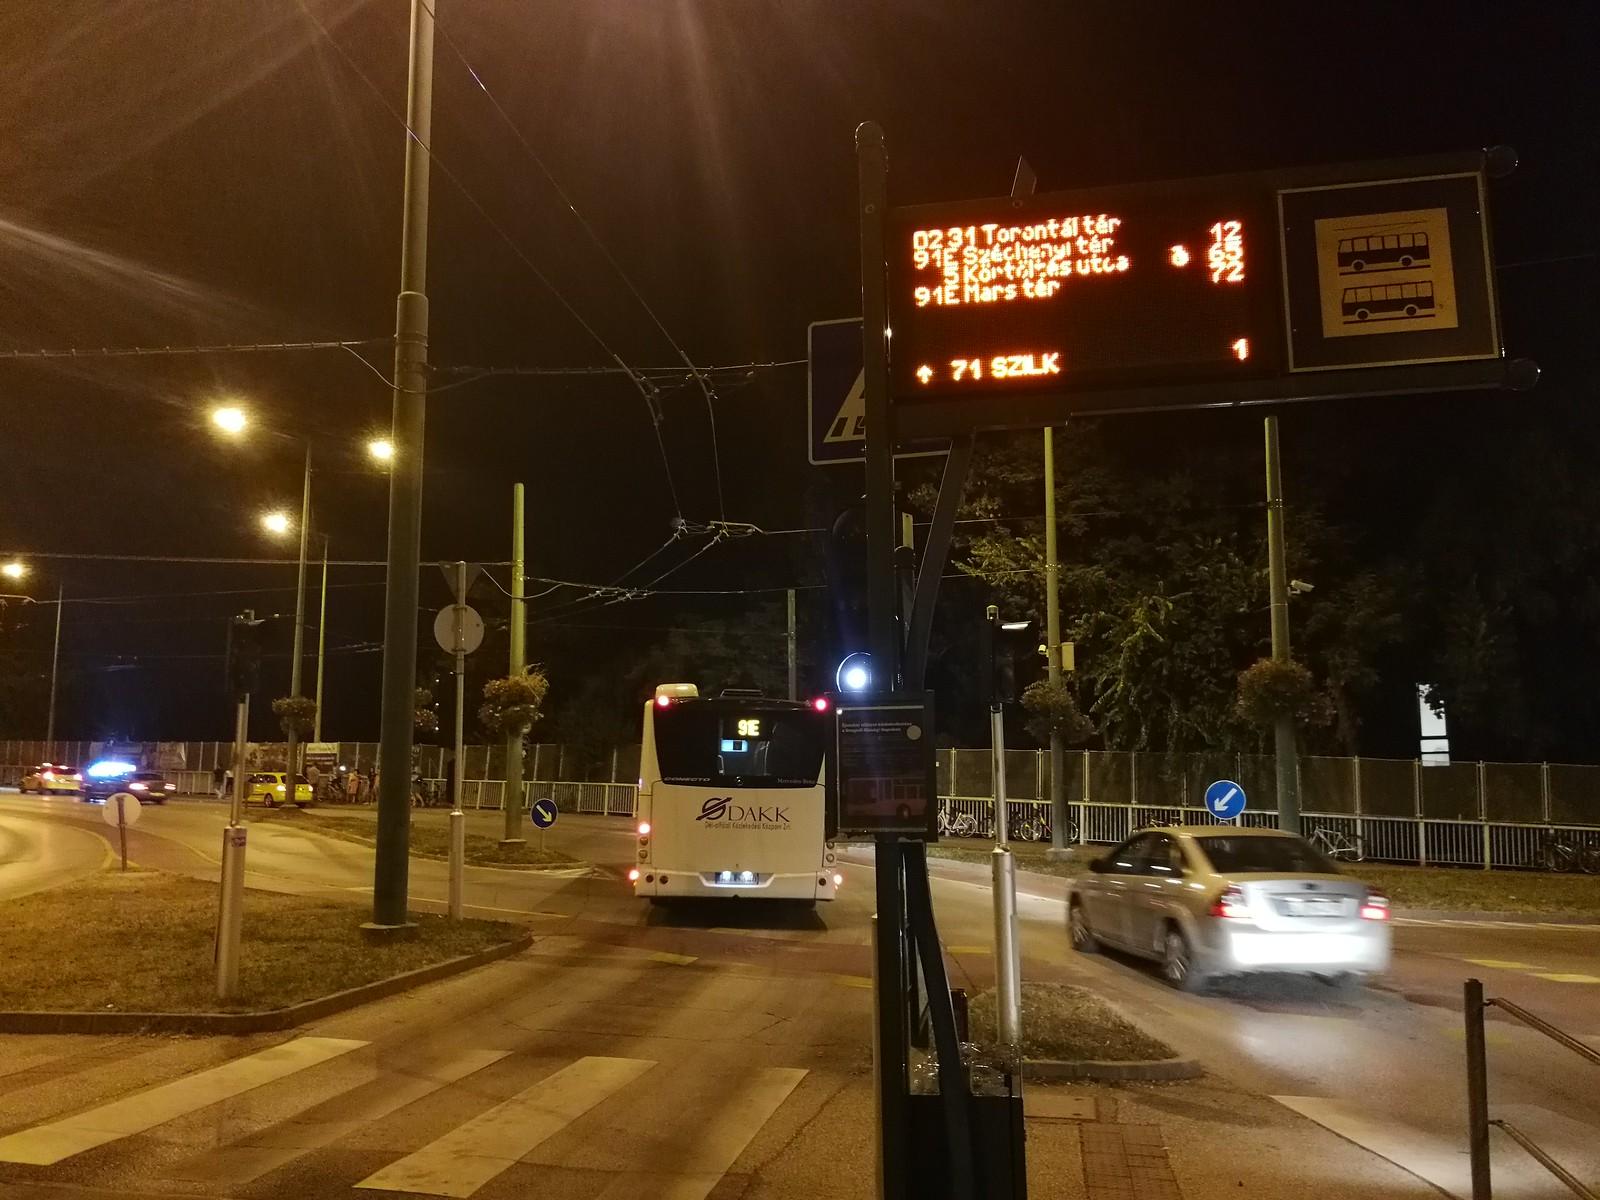 Valami nagyon nem stimmel az éjszakai buszok menetrendjével